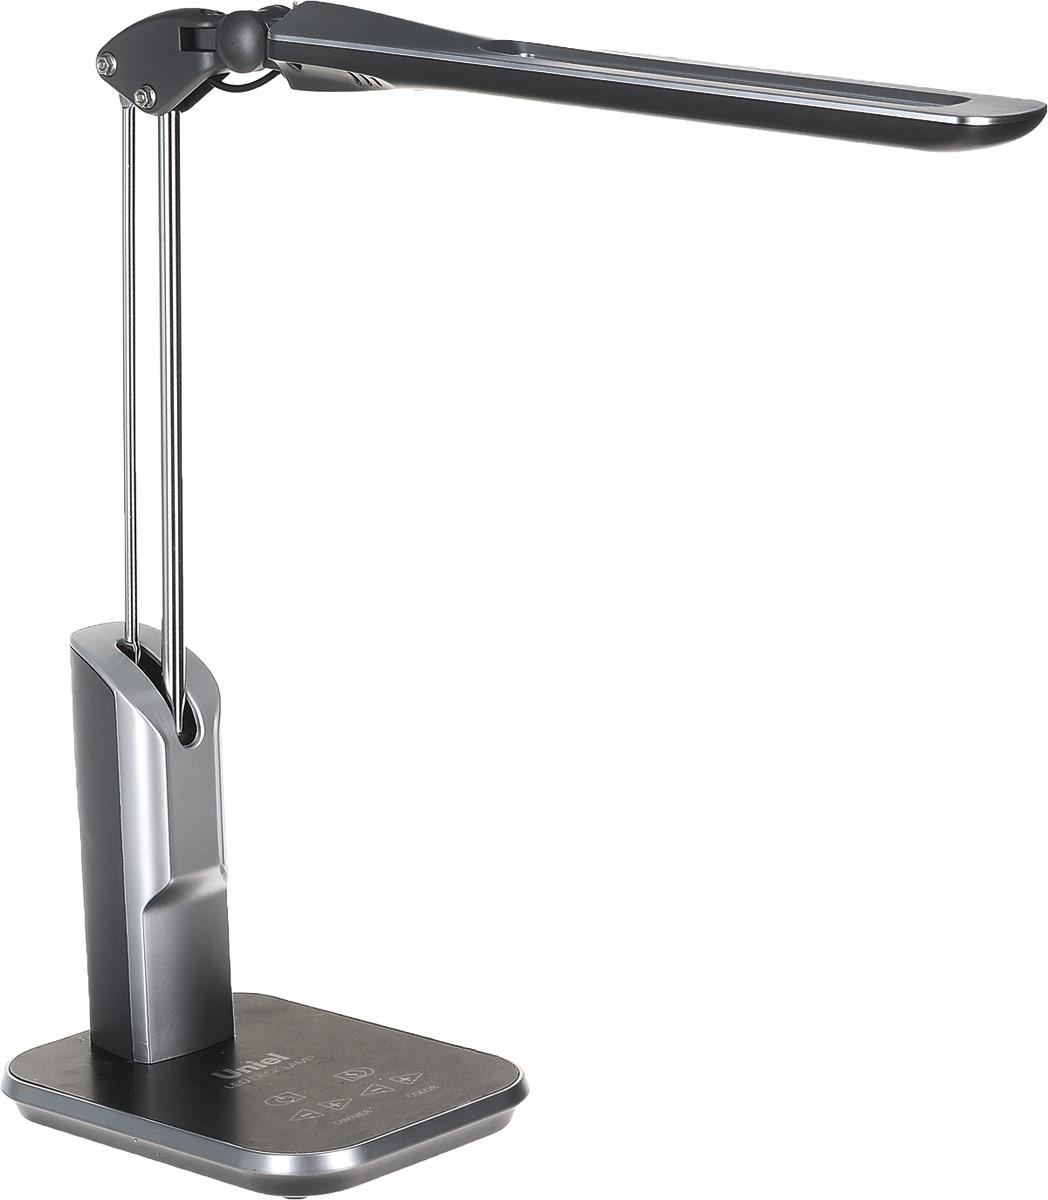 Светильник настольный Uniel LED TLD-515, светодиодный, с диммером, цвет: серый, 9 Вт09106Настольная лампа относится к осветительным приборам, основной функцией которых является создание дополнительного света в определенной зоне, в данном случае – на столе.